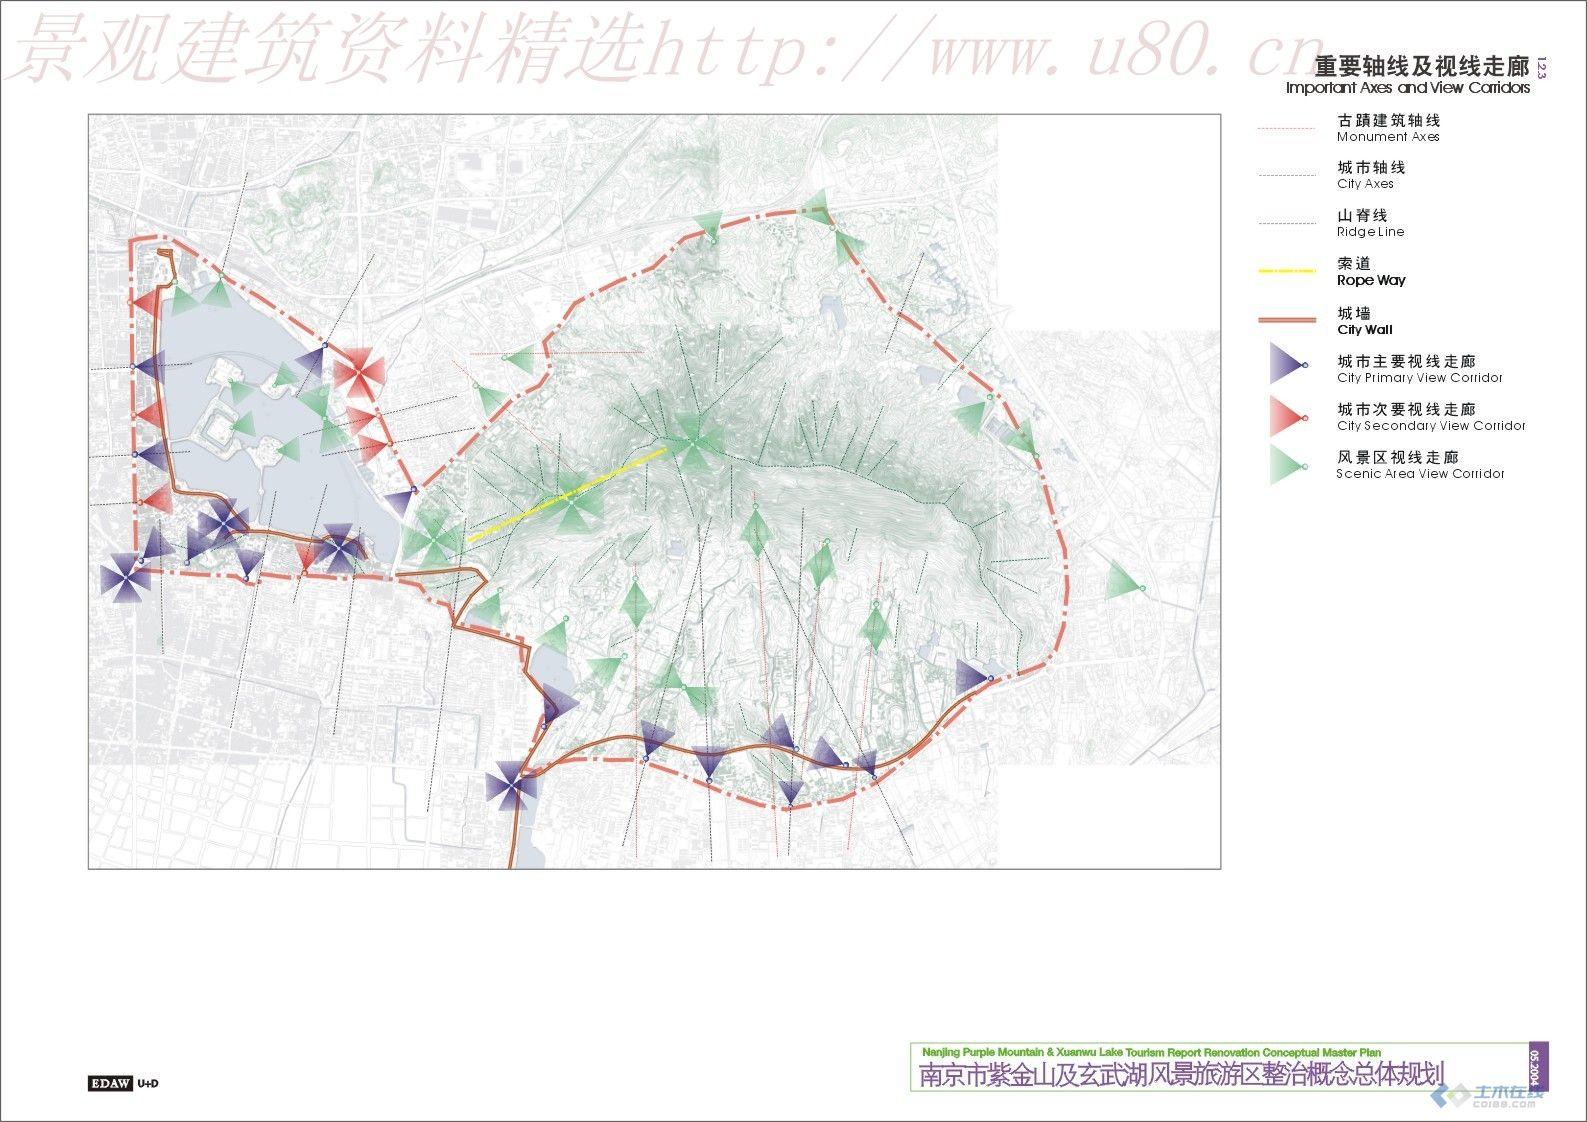 南京市紫金山及玄武湖风景区整治概念总体规划2004(edaw)